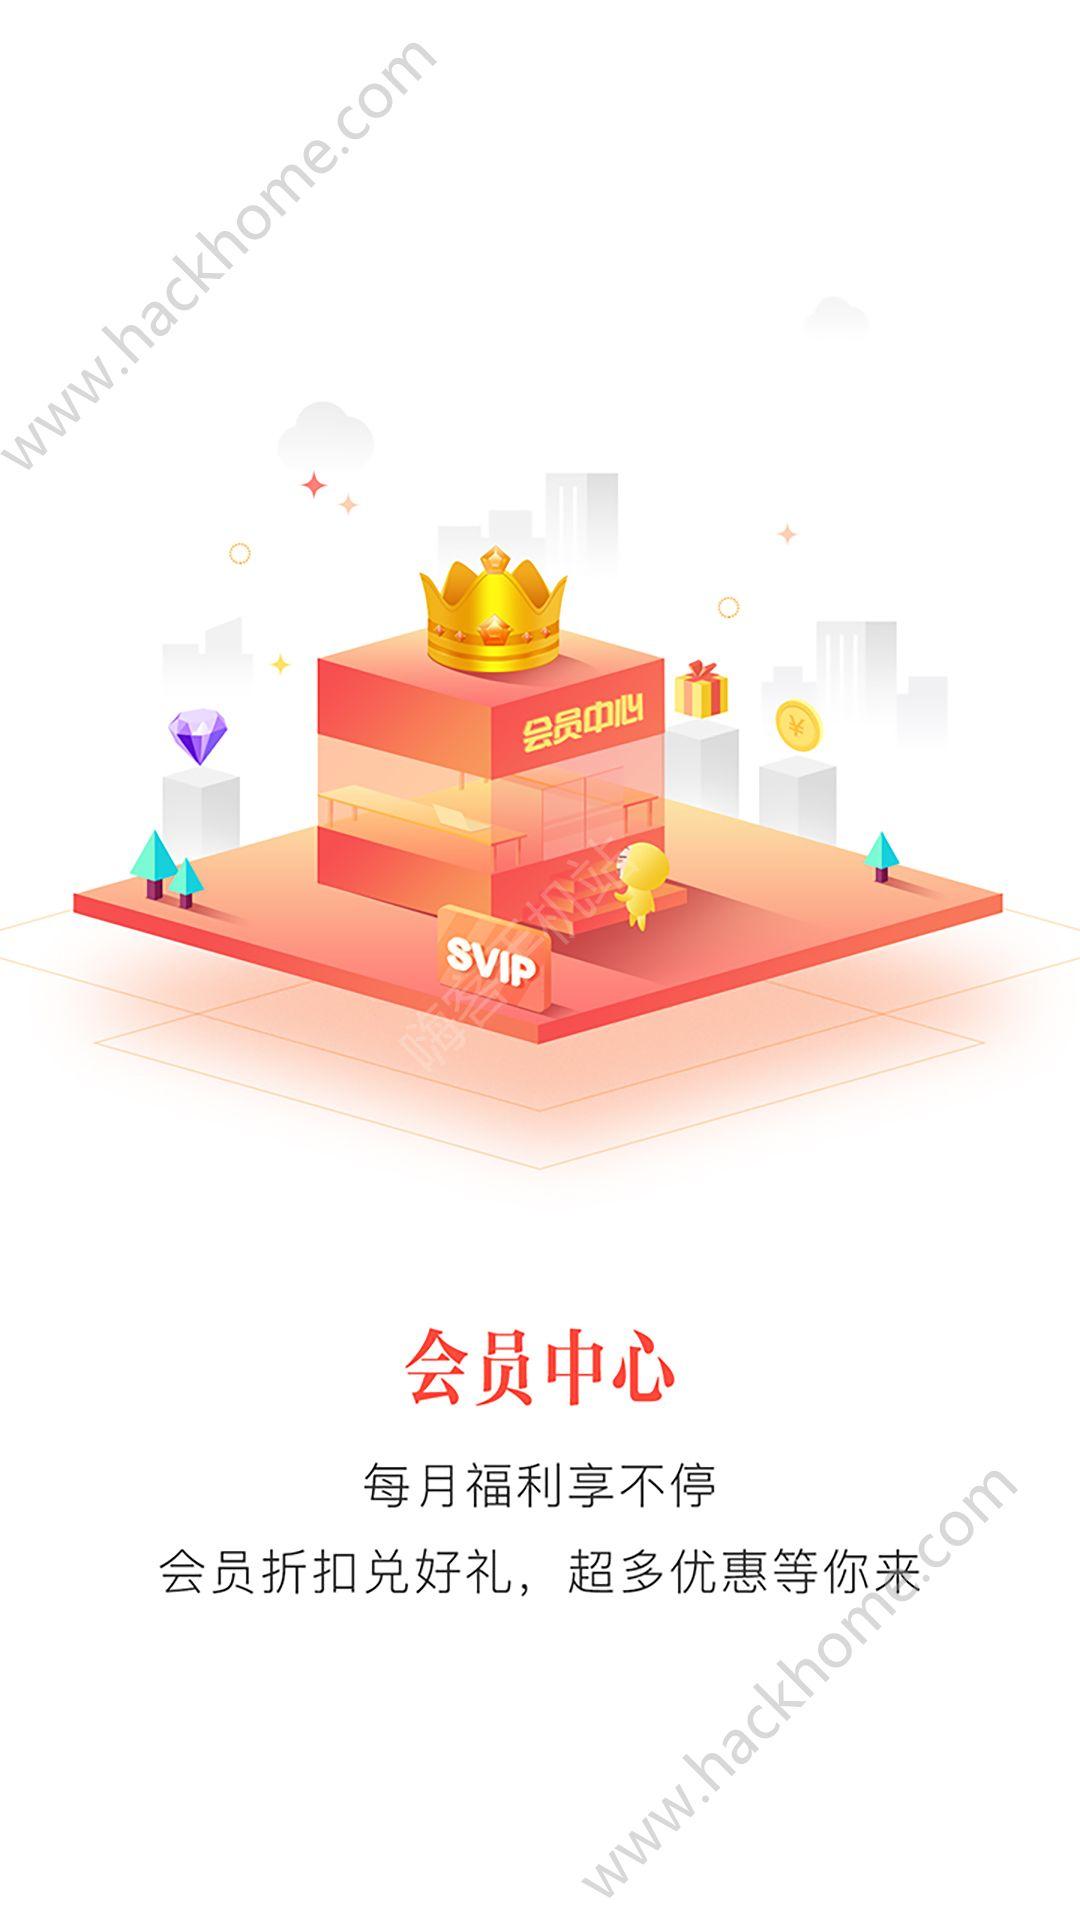 泰然金融app官方版软件下载图4: